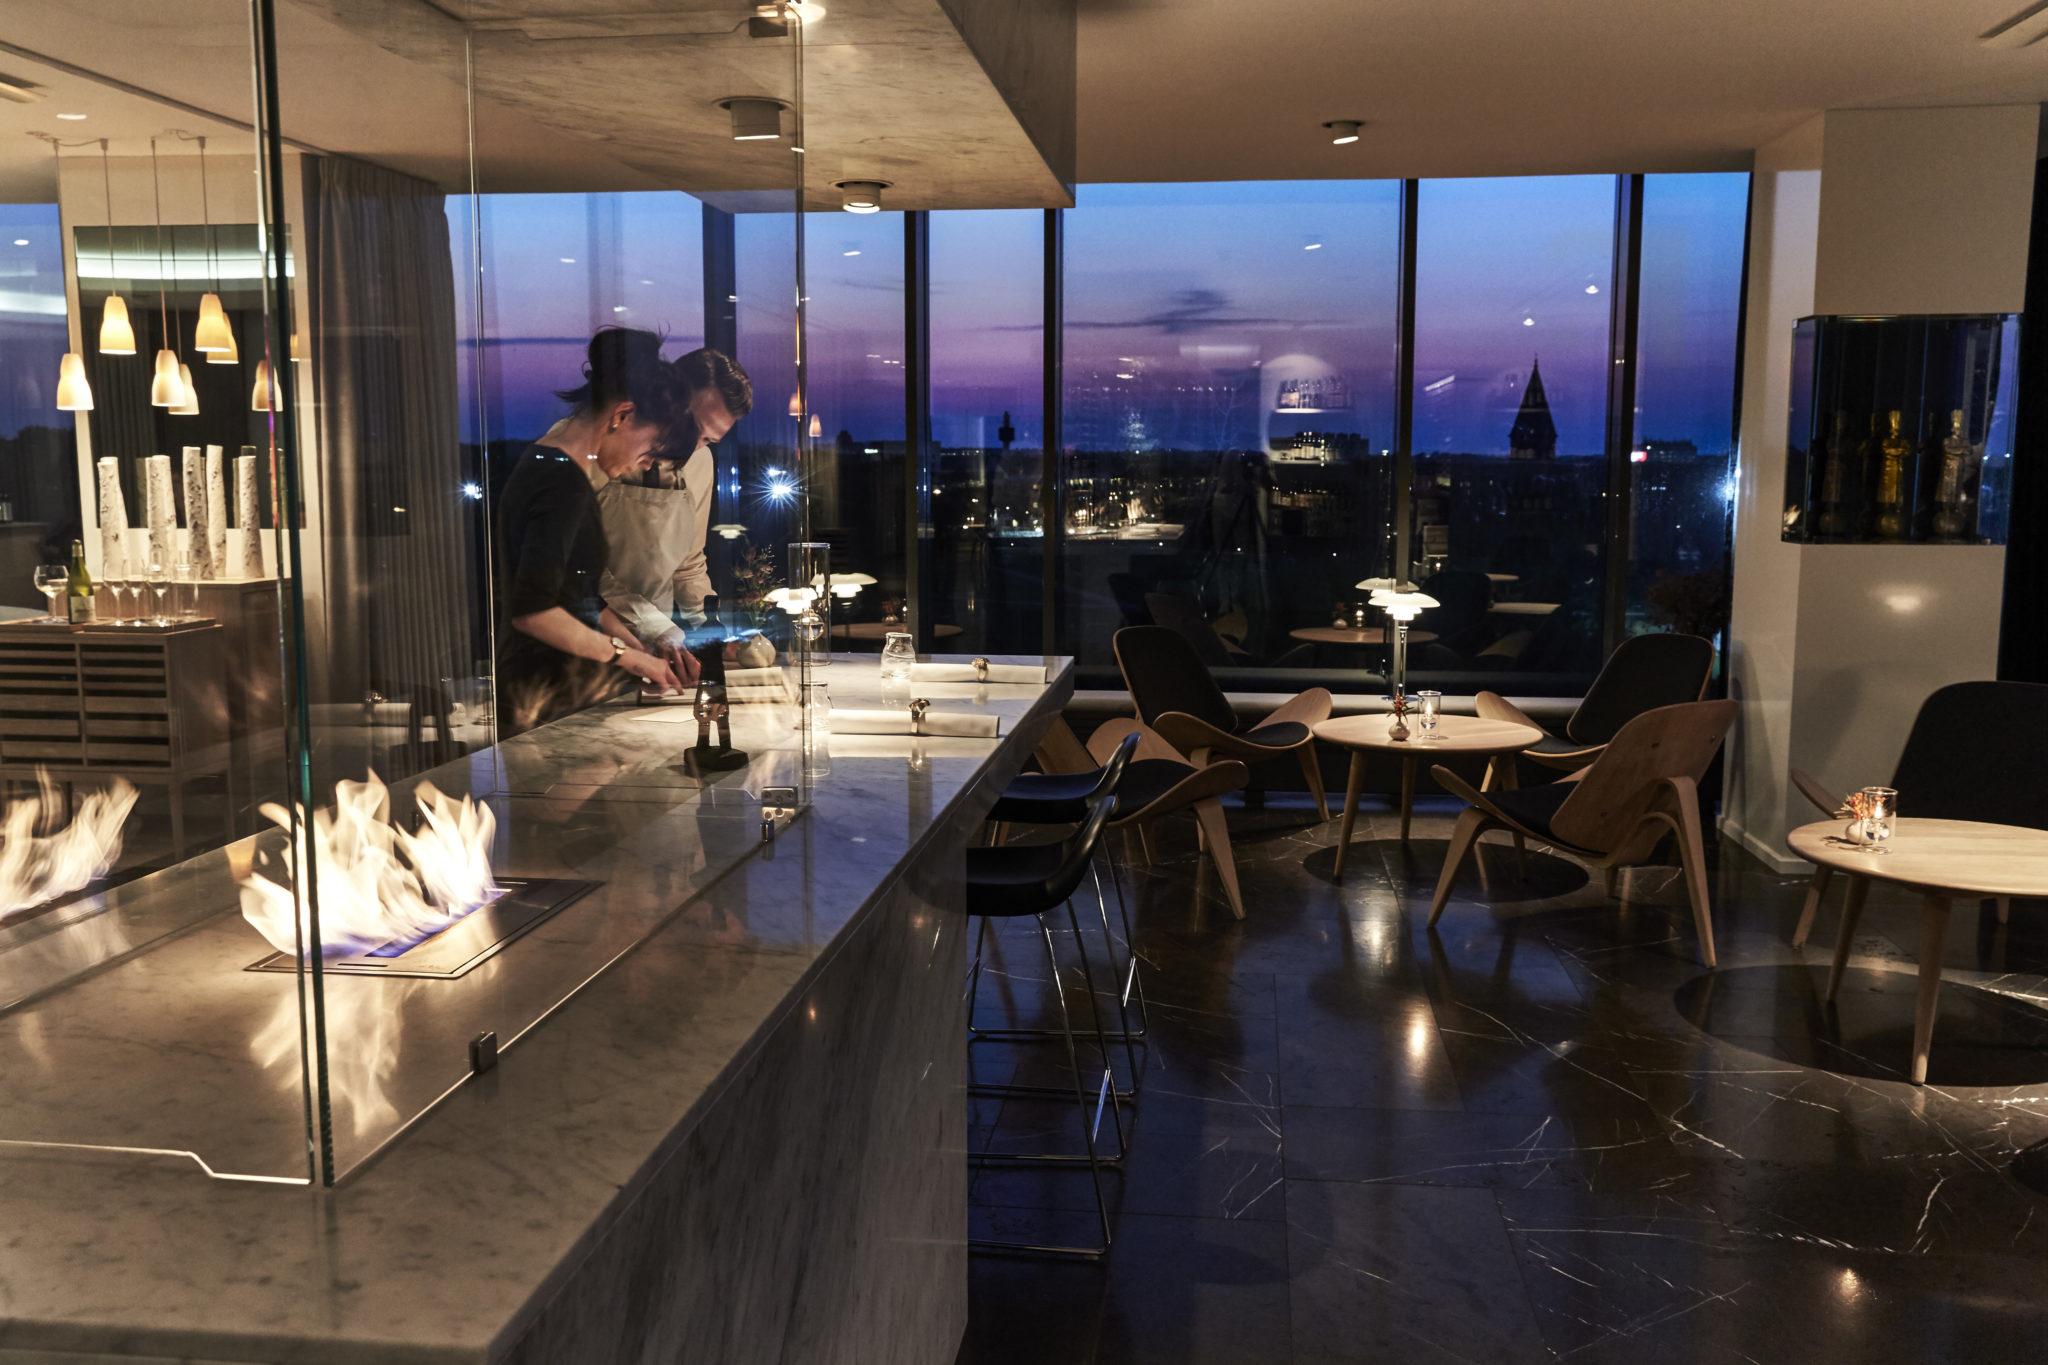 Ekskluzywne wnętrze restauracji o zmroku. W tle miejski krajobraz za oknem